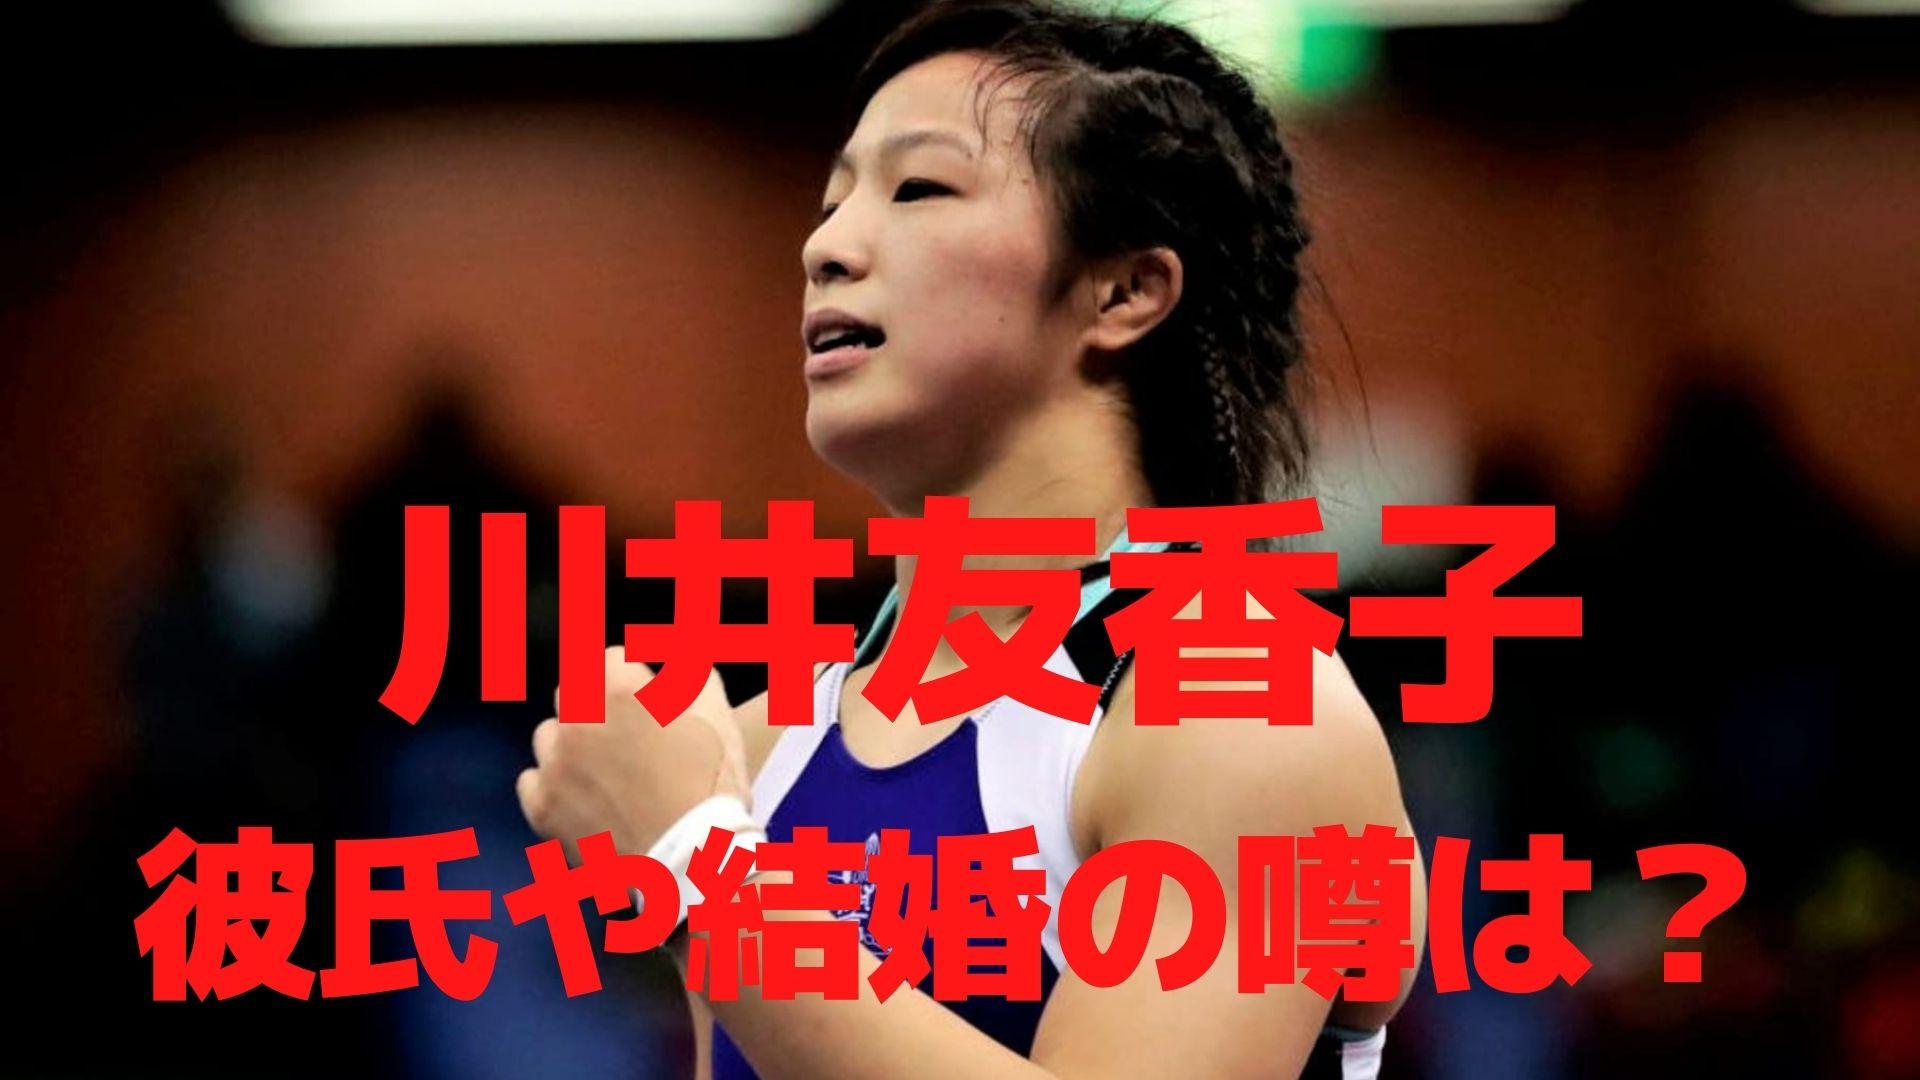 yukako-kawai-boyfriend-marriage